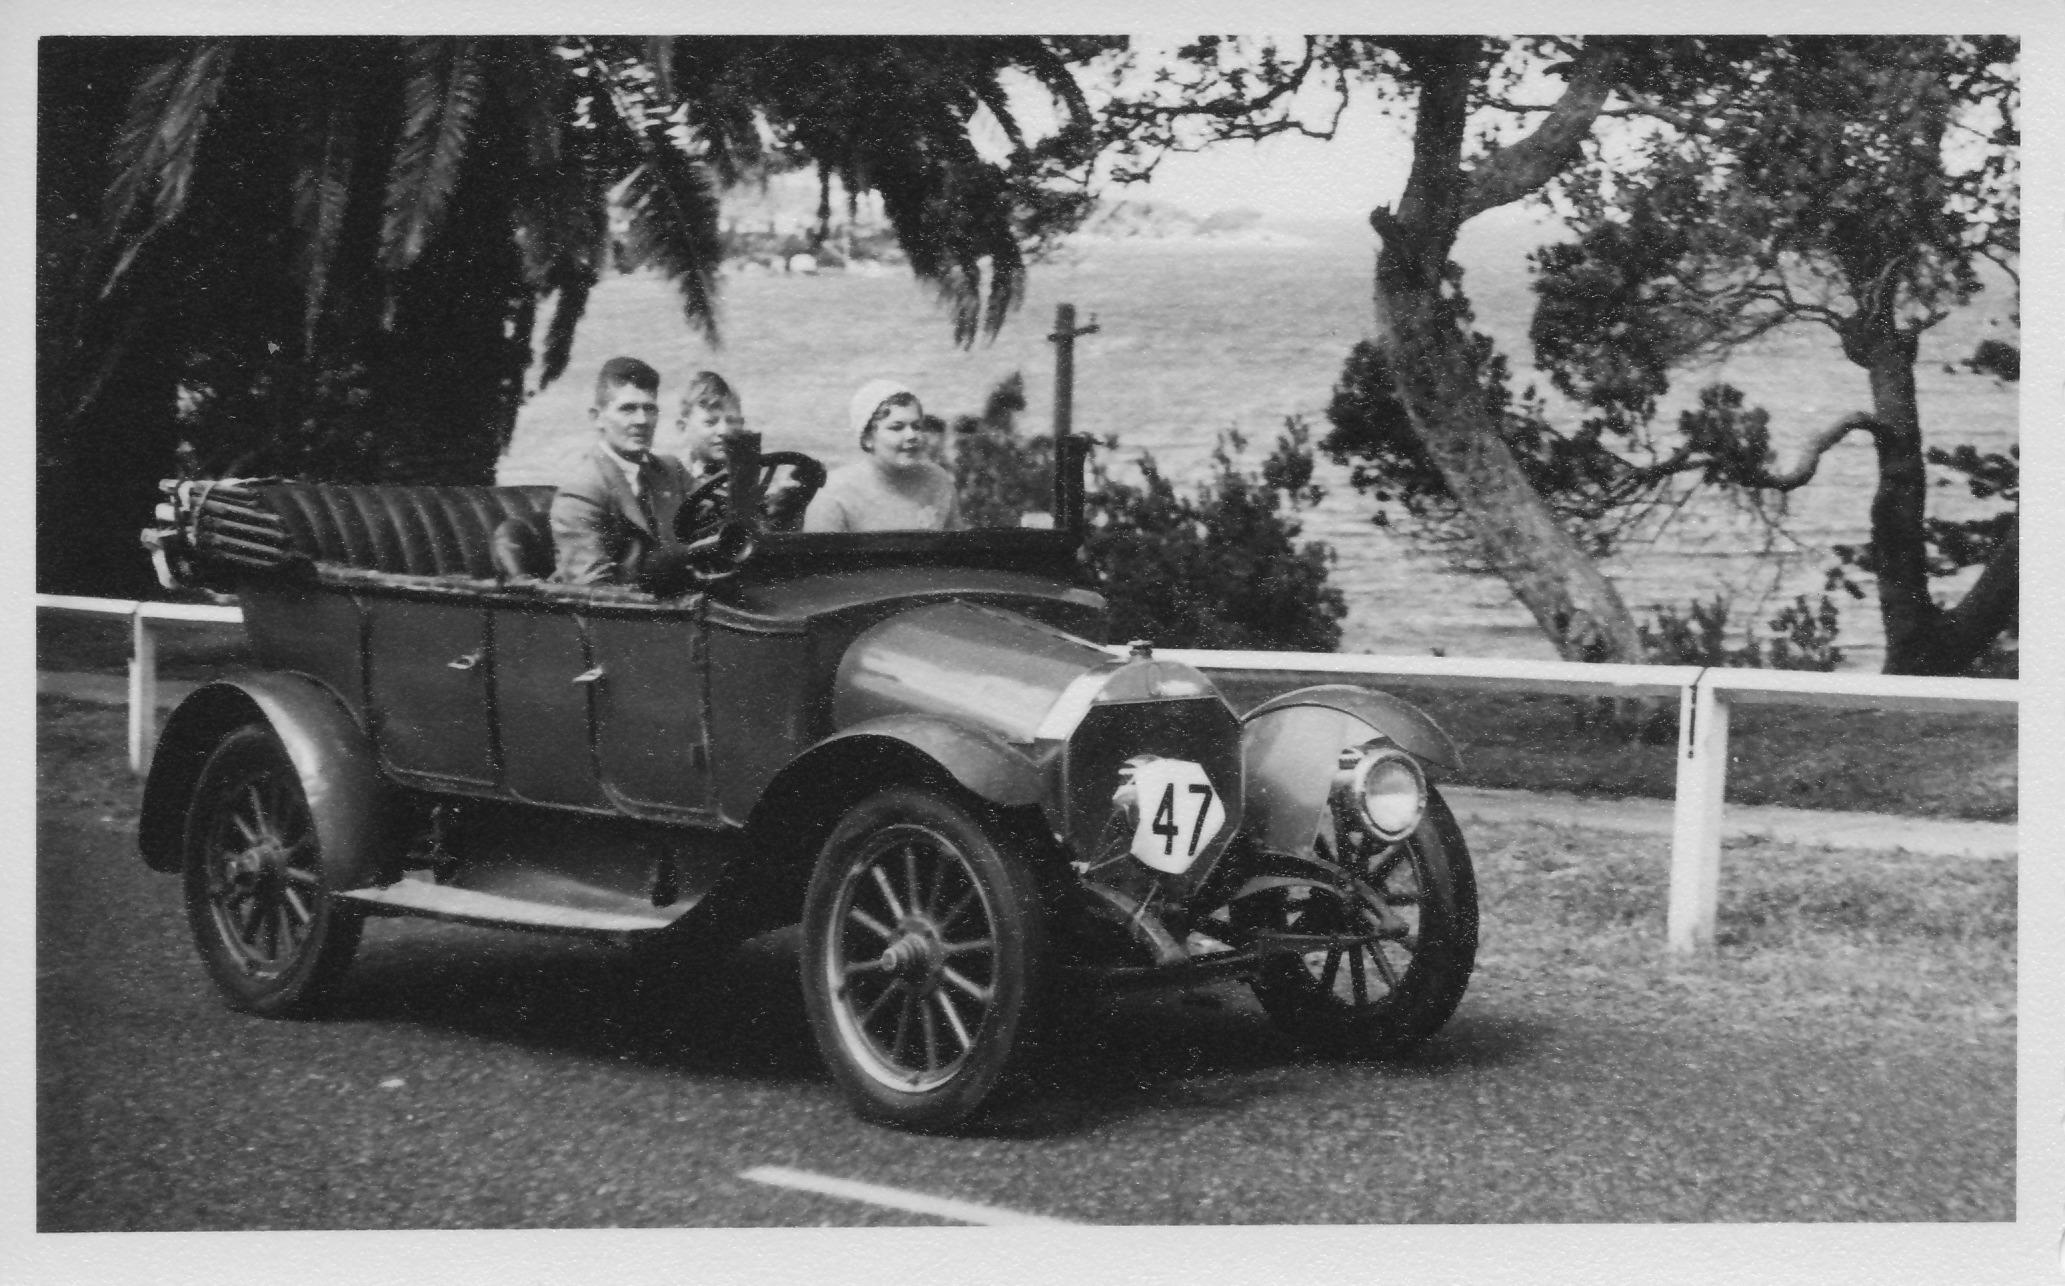 #47 1908 B.S.A.